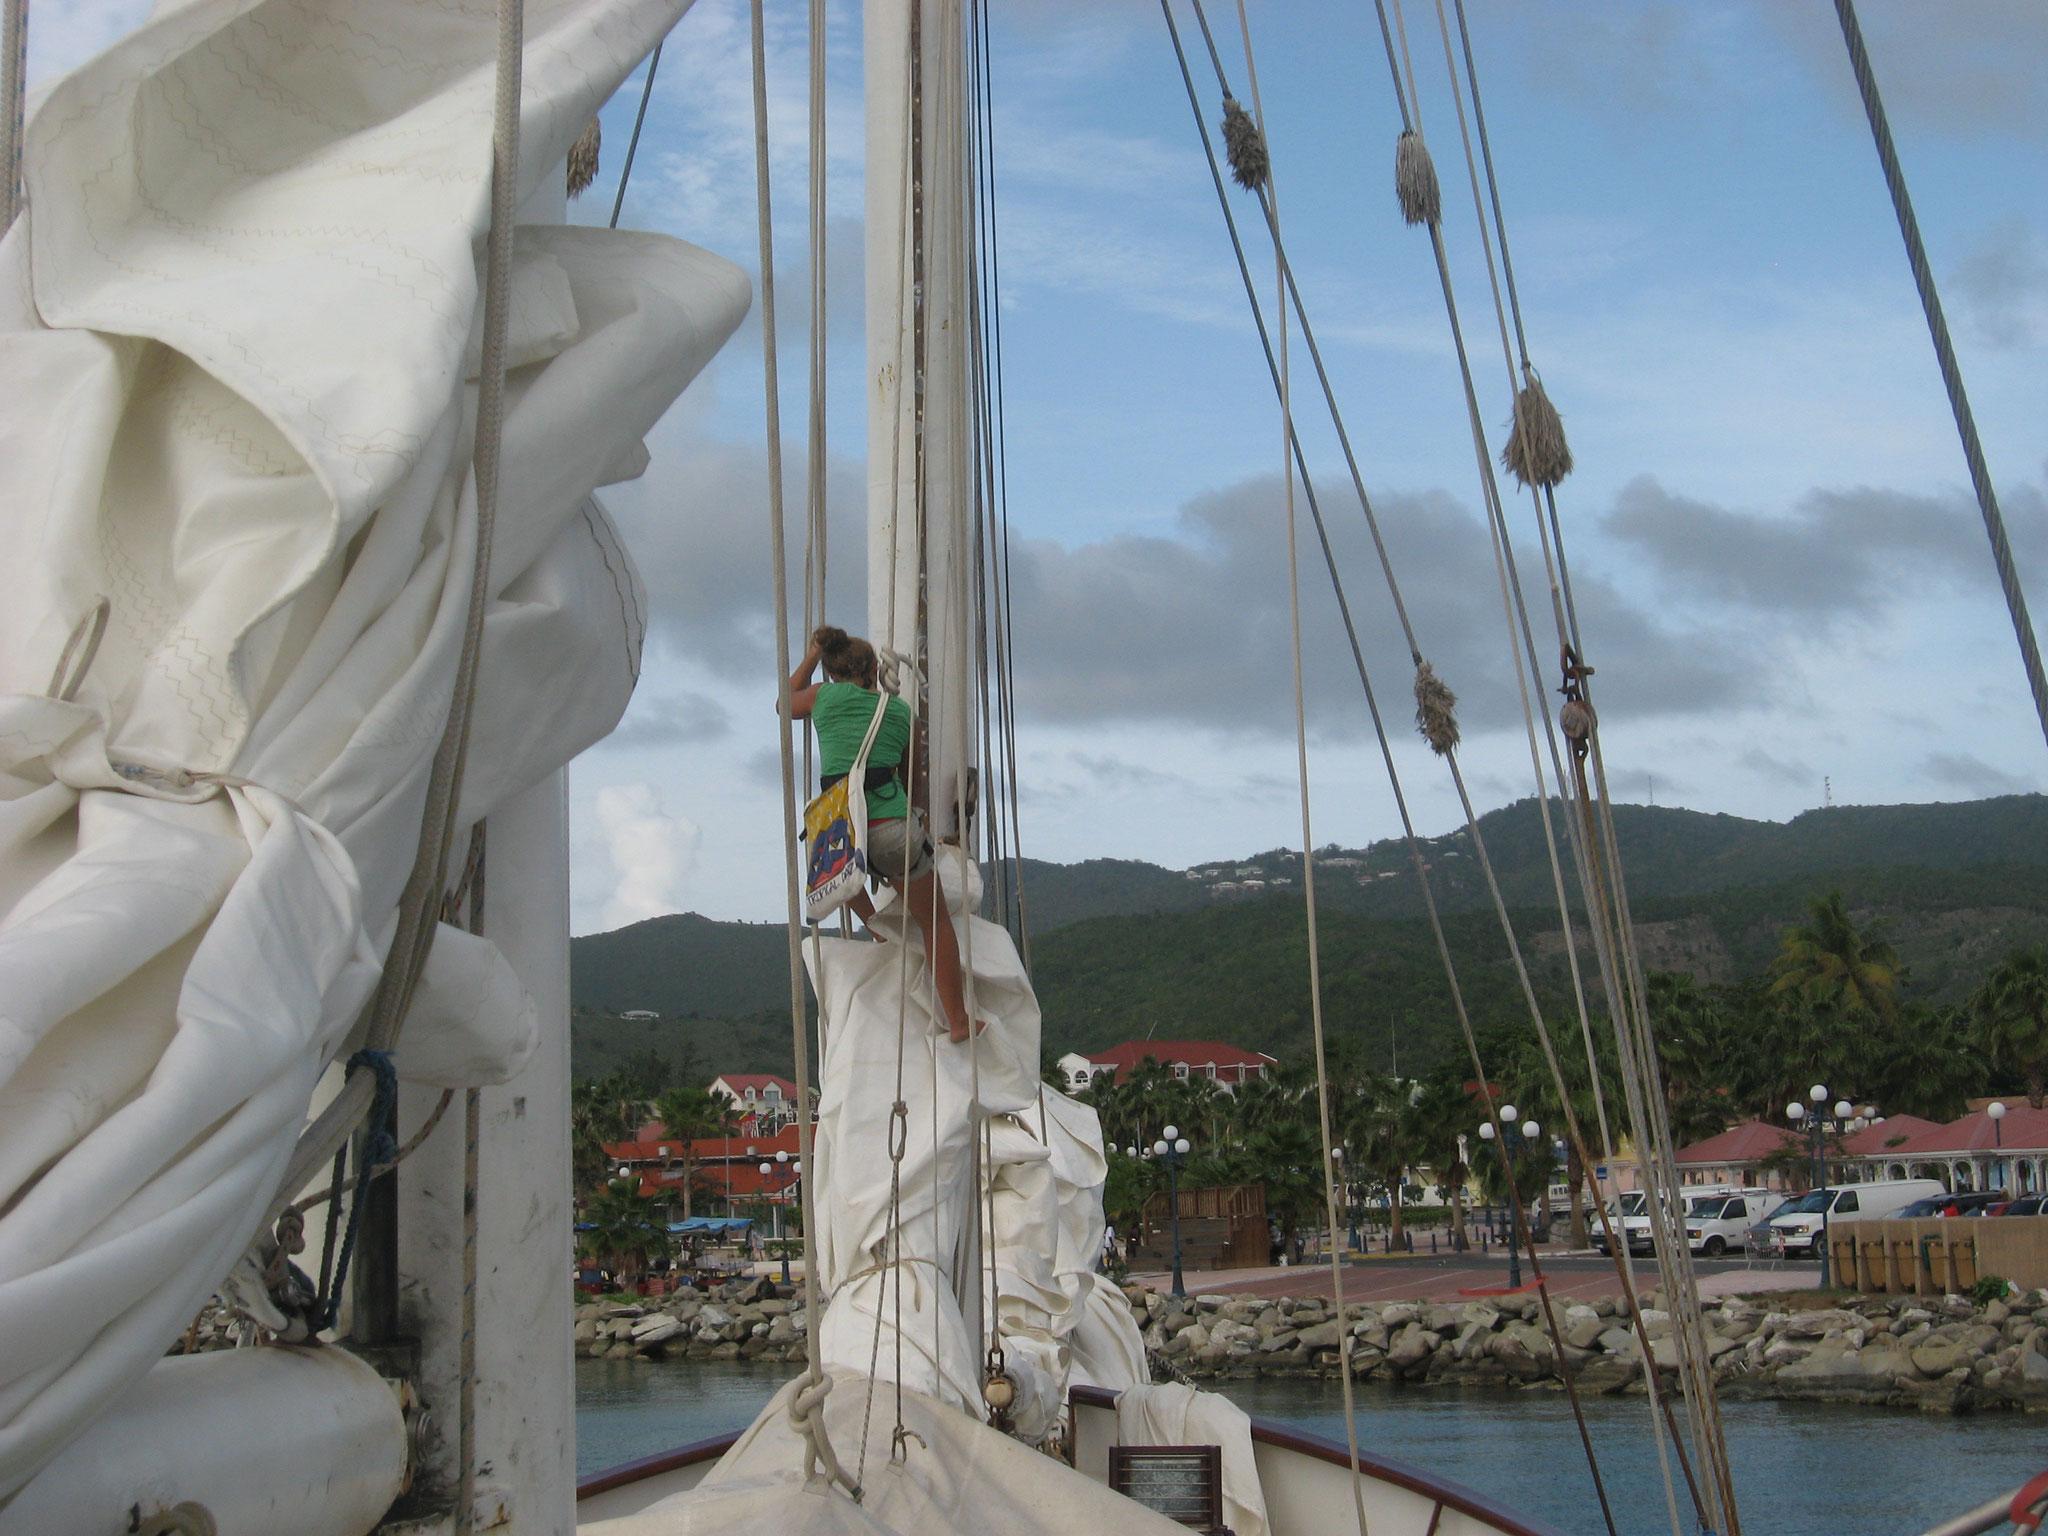 Départ de Saint Martin Guadeloupe